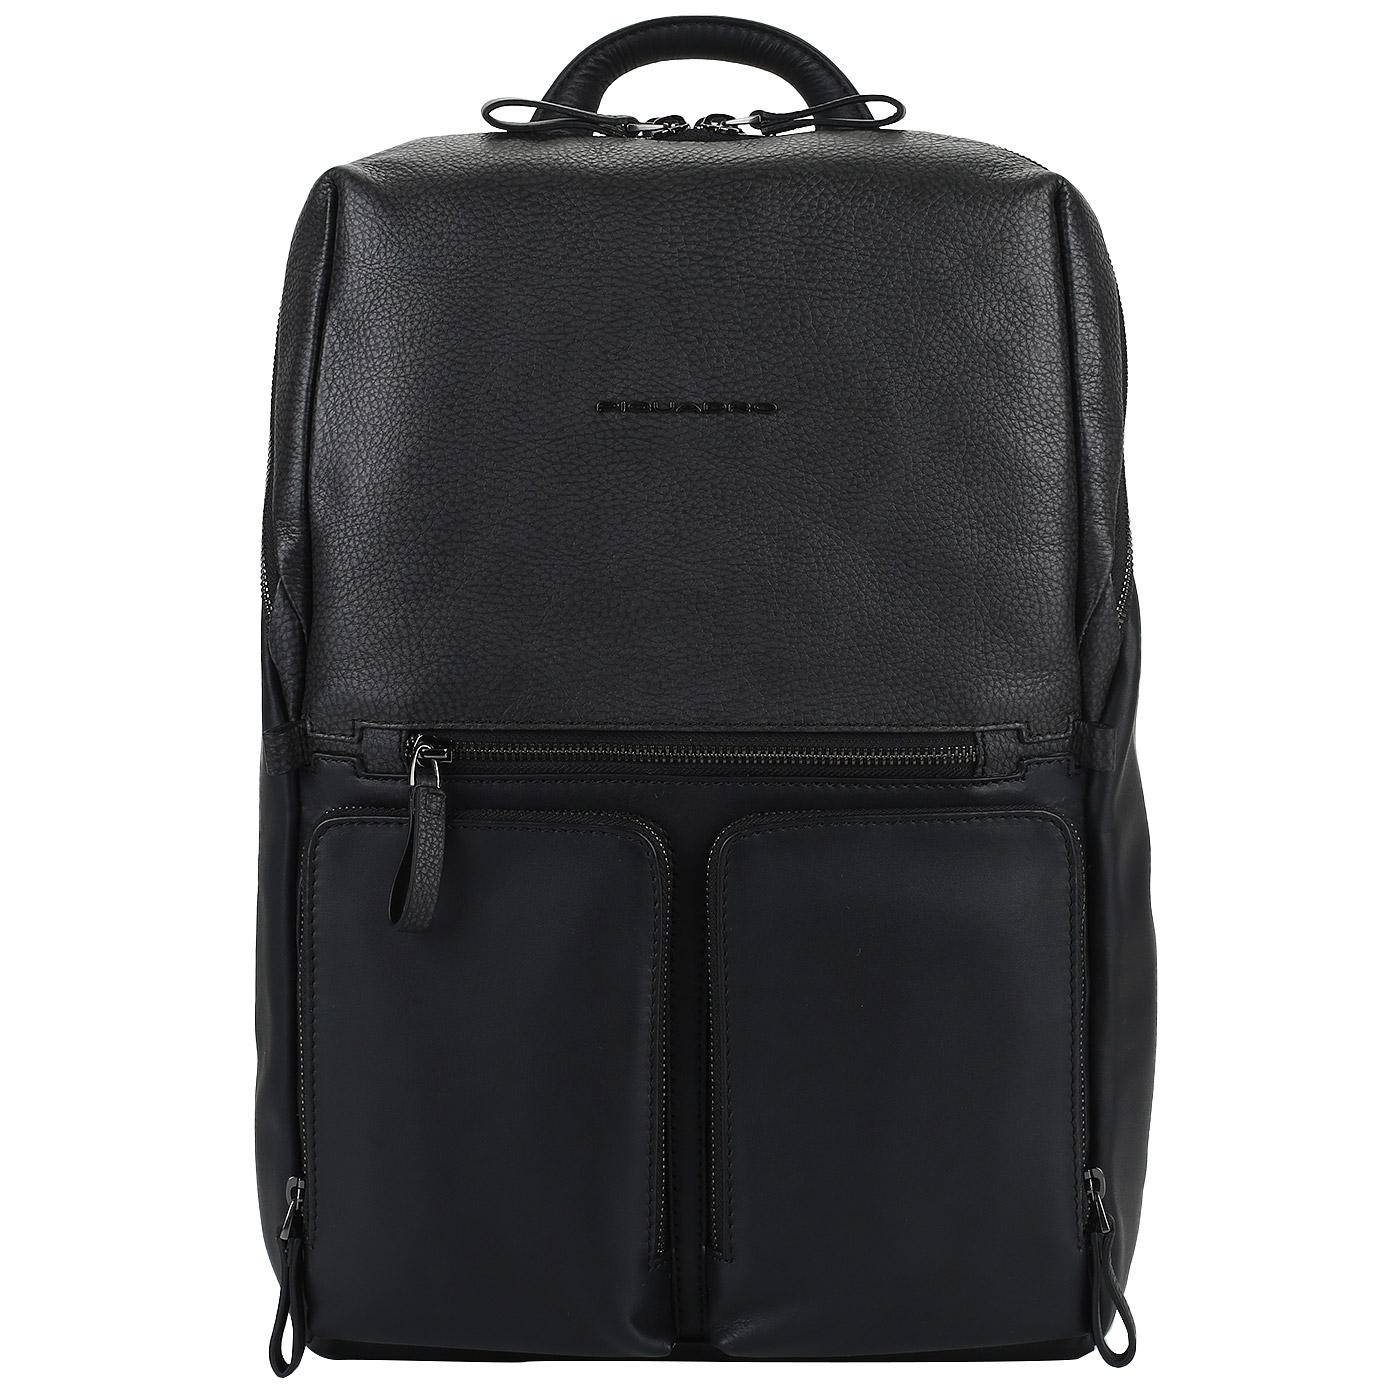 c7b9f56bb464 Рюкзак с двумя отделами Piquadro Line CA4541W89/N - 2000557953864 черный натуральная  кожа 31 x 40 x 14 Цена 30800 руб. купить в интернет-магазине ...